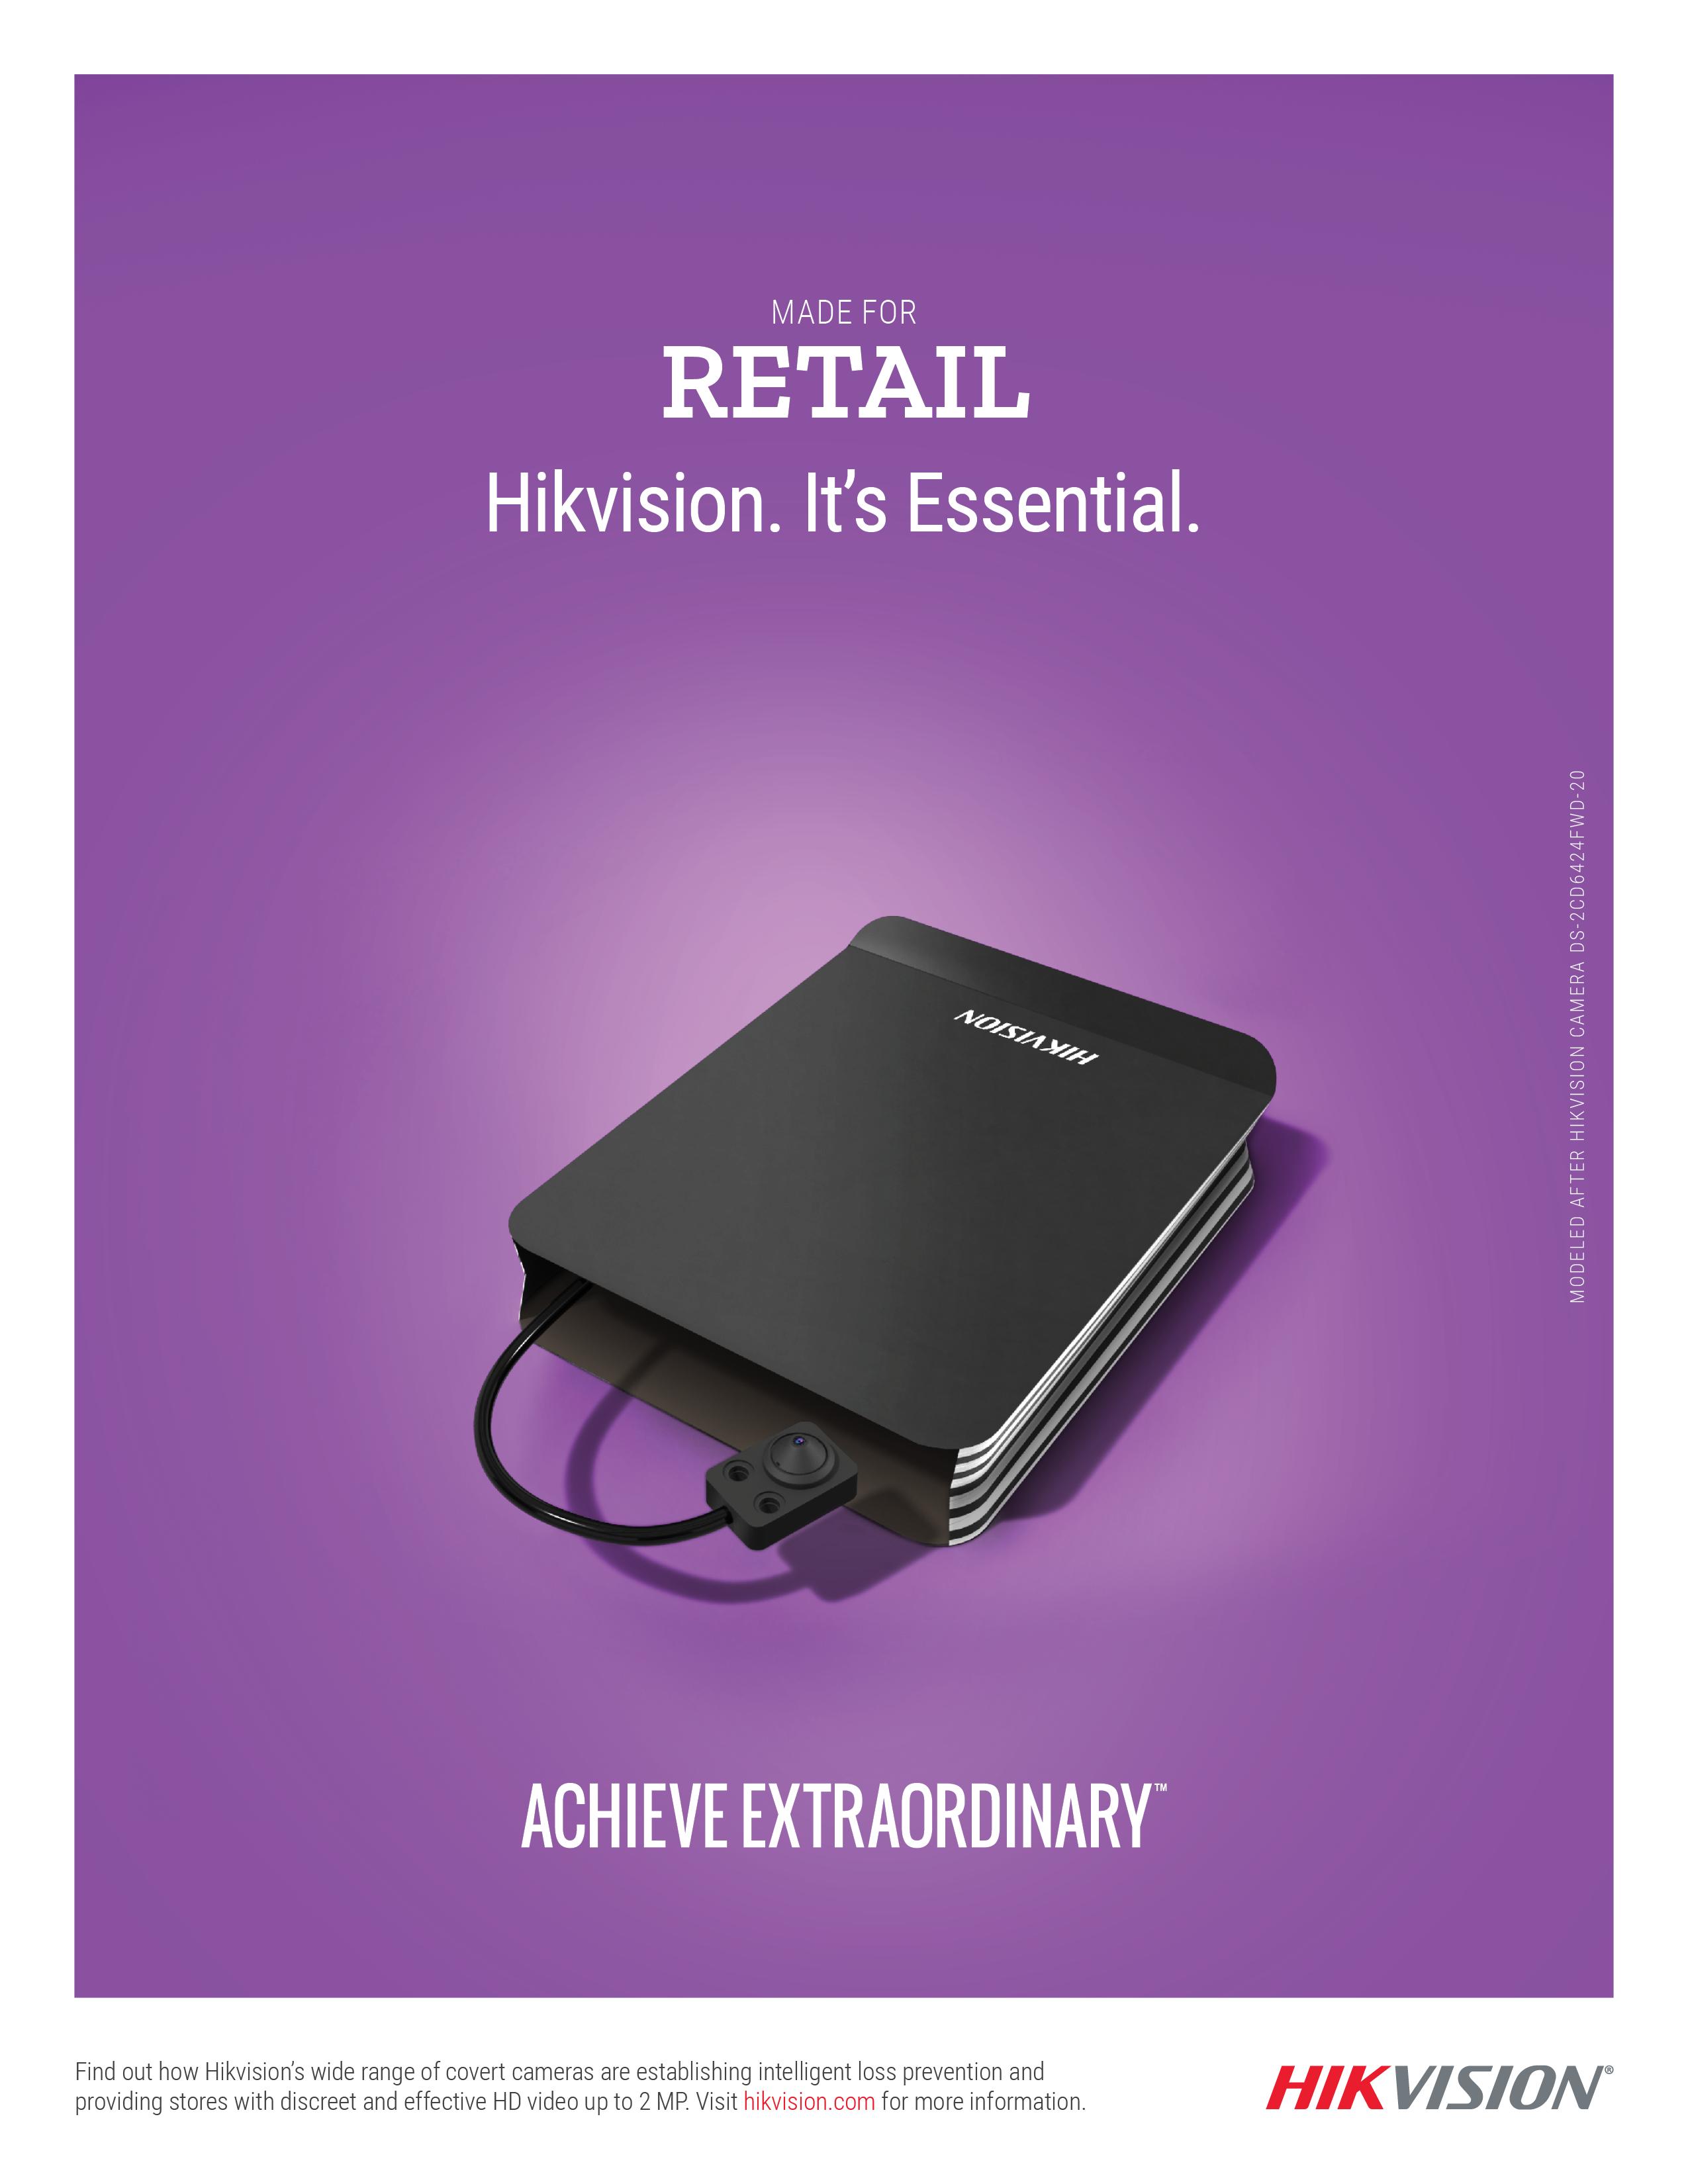 Hikvision USA (hikvisionusa) on Pinterest